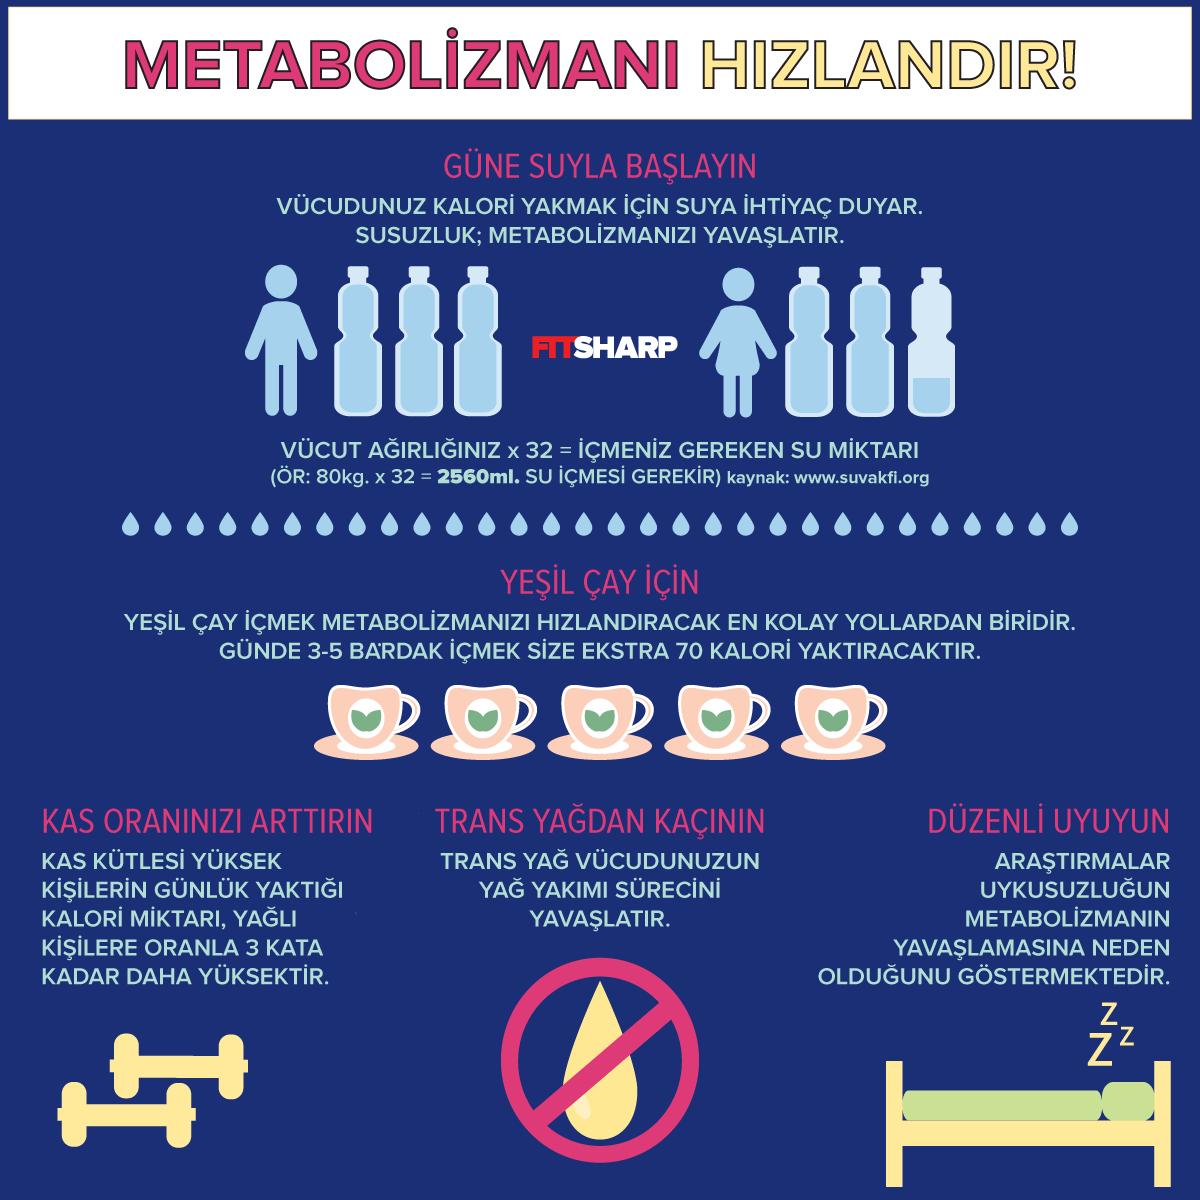 yagyakimi-metabolizma